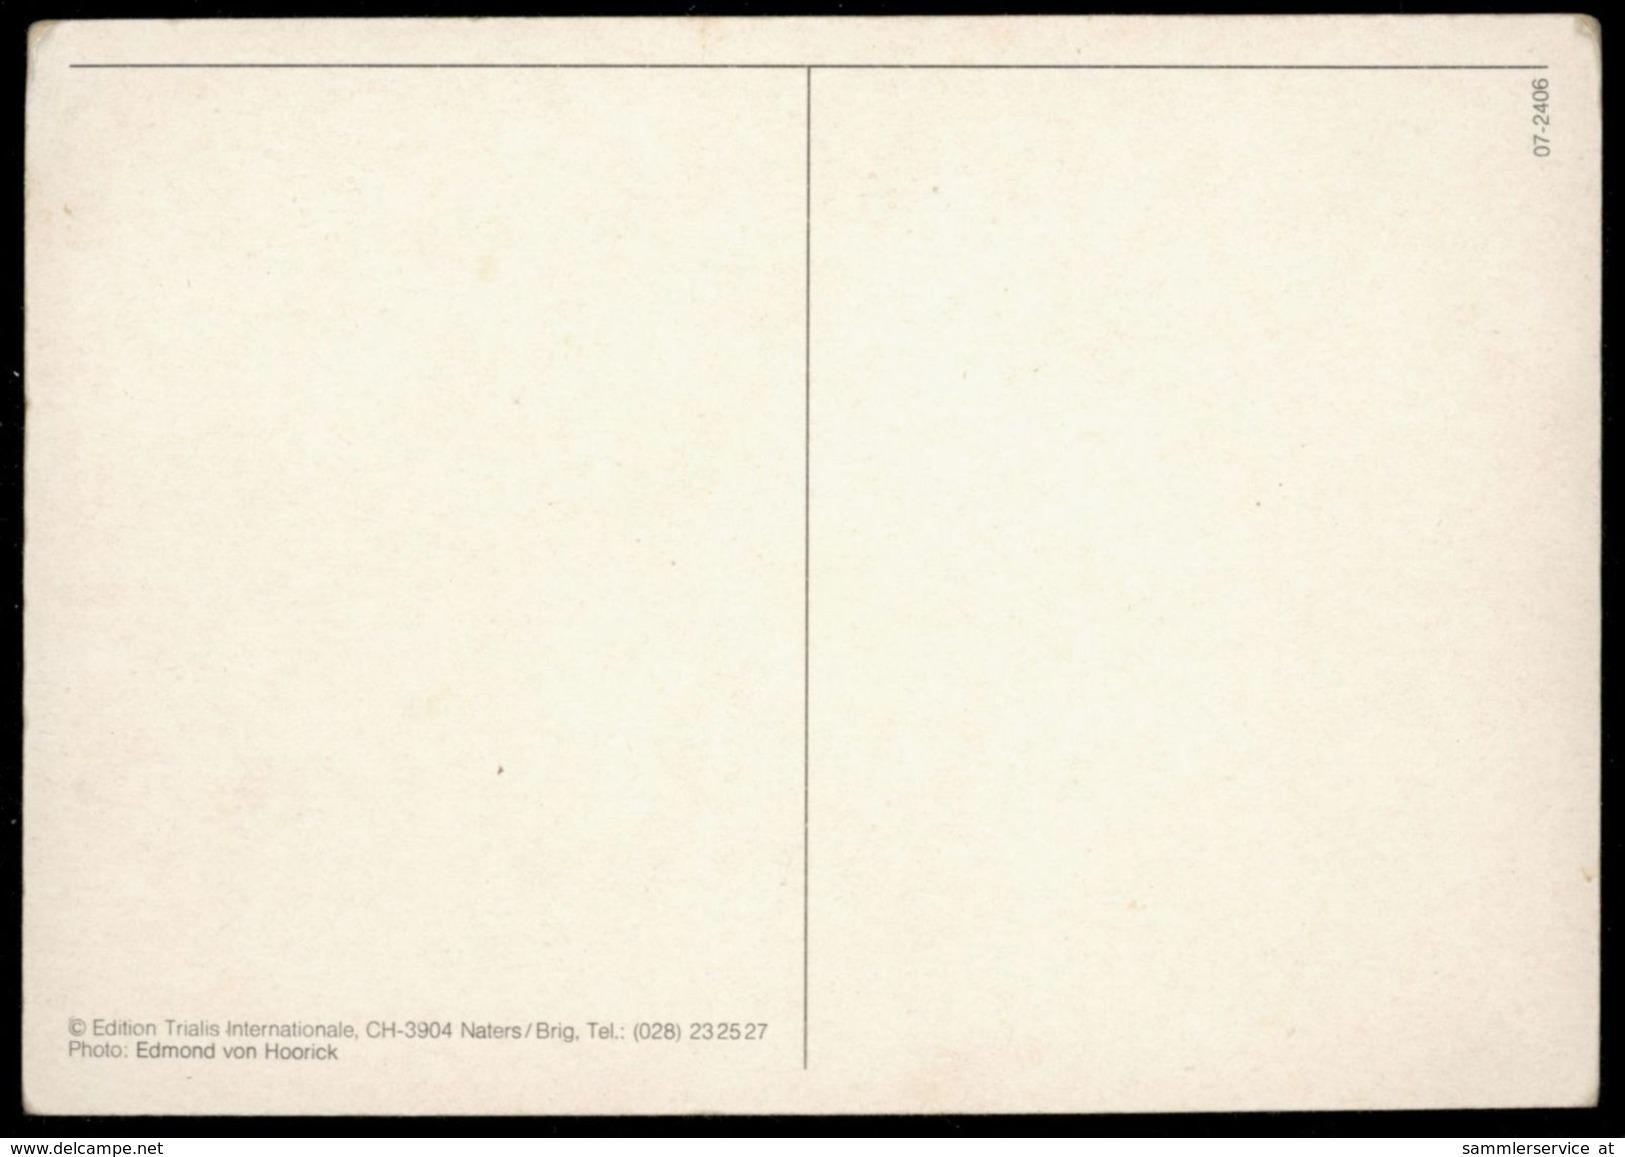 [015] Pferde-Karte 204, Pferdepaar, ~1980 - Pferde